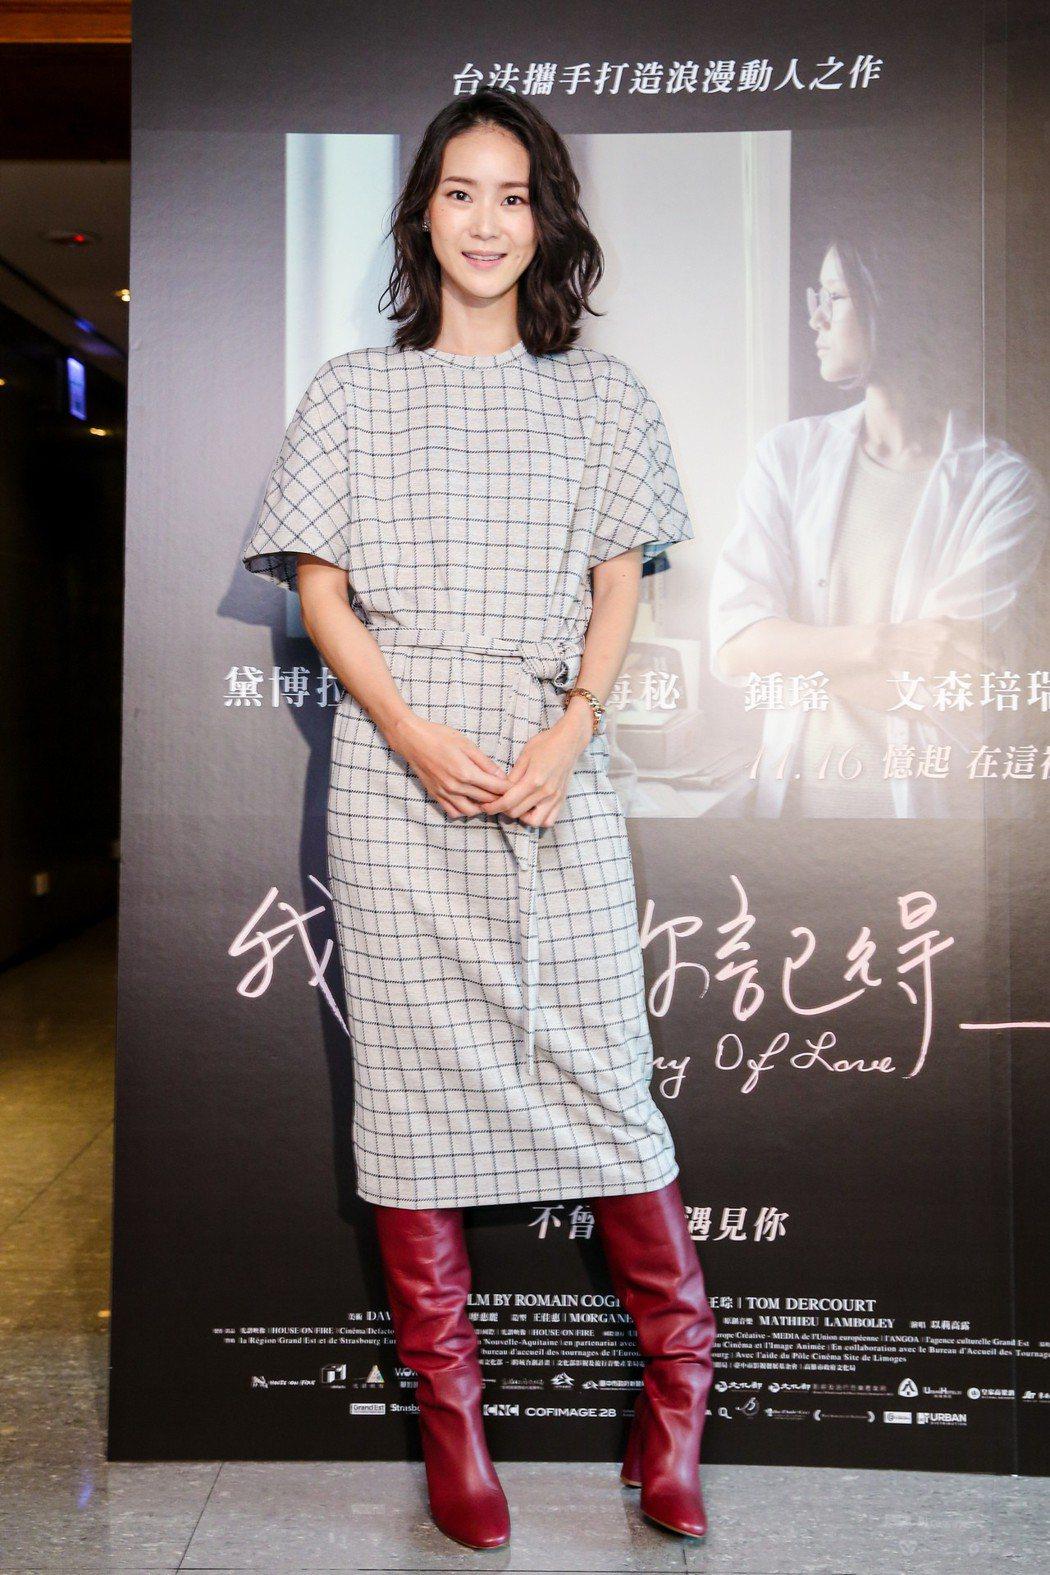 鍾瑶替電影「我想要你記得_」宣傳。記者鄭清元/攝影